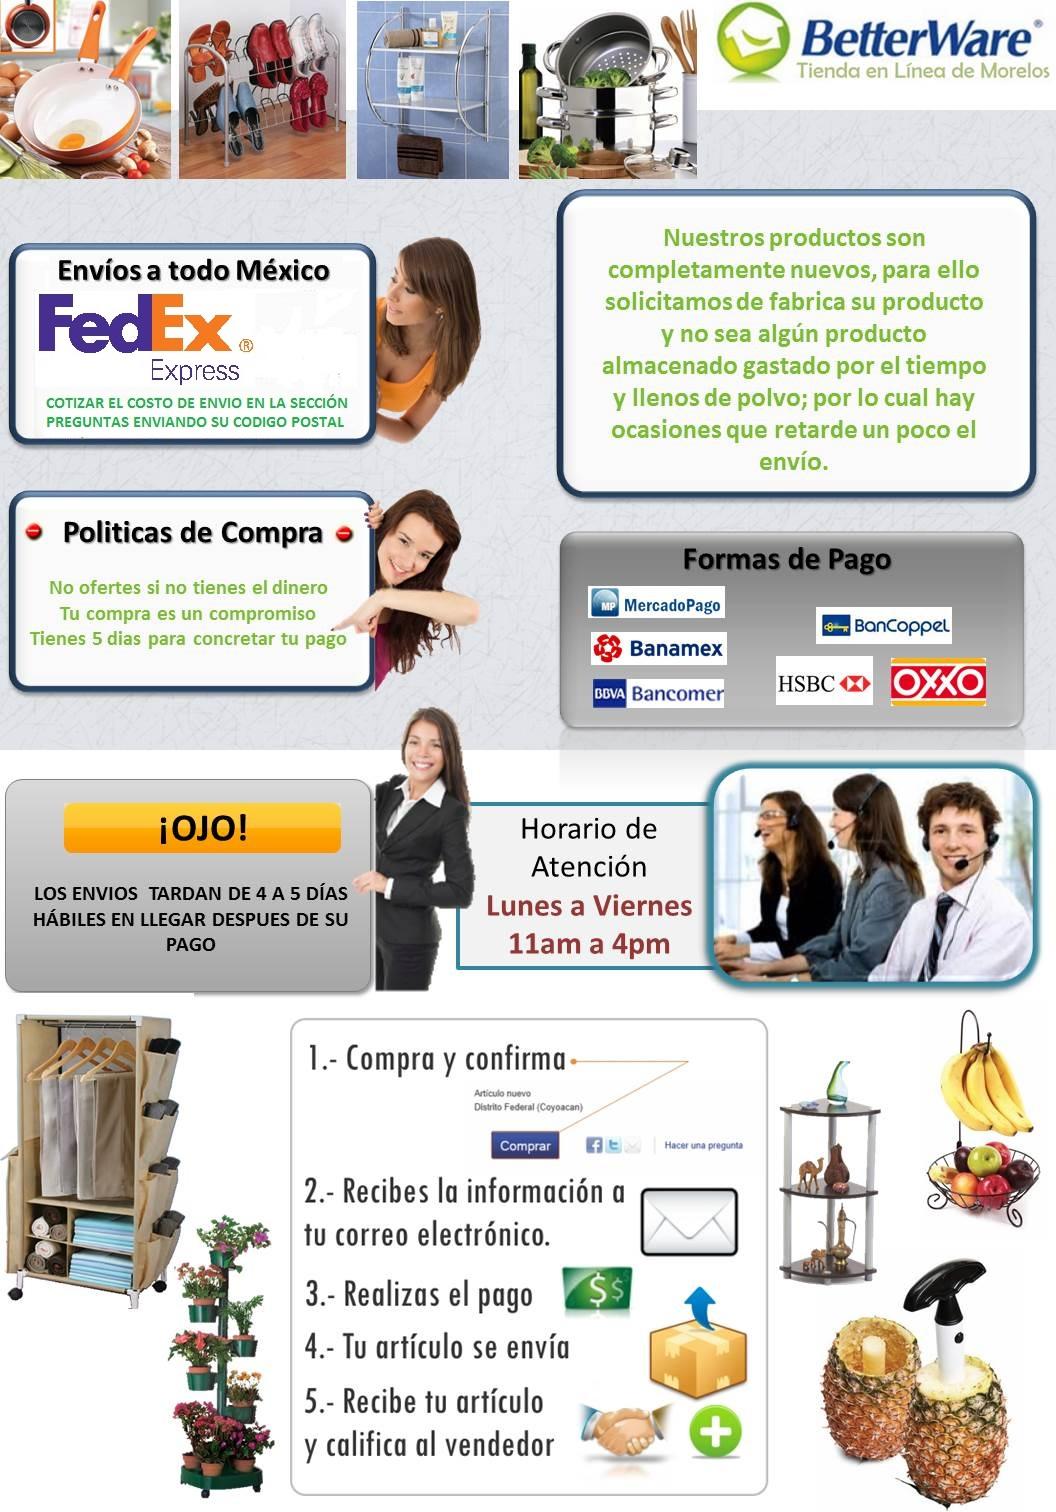 Rack Organizador De Baño:Rack Organizador Para El Baño Cod 90916 – $ 45045 en Mercado Libre